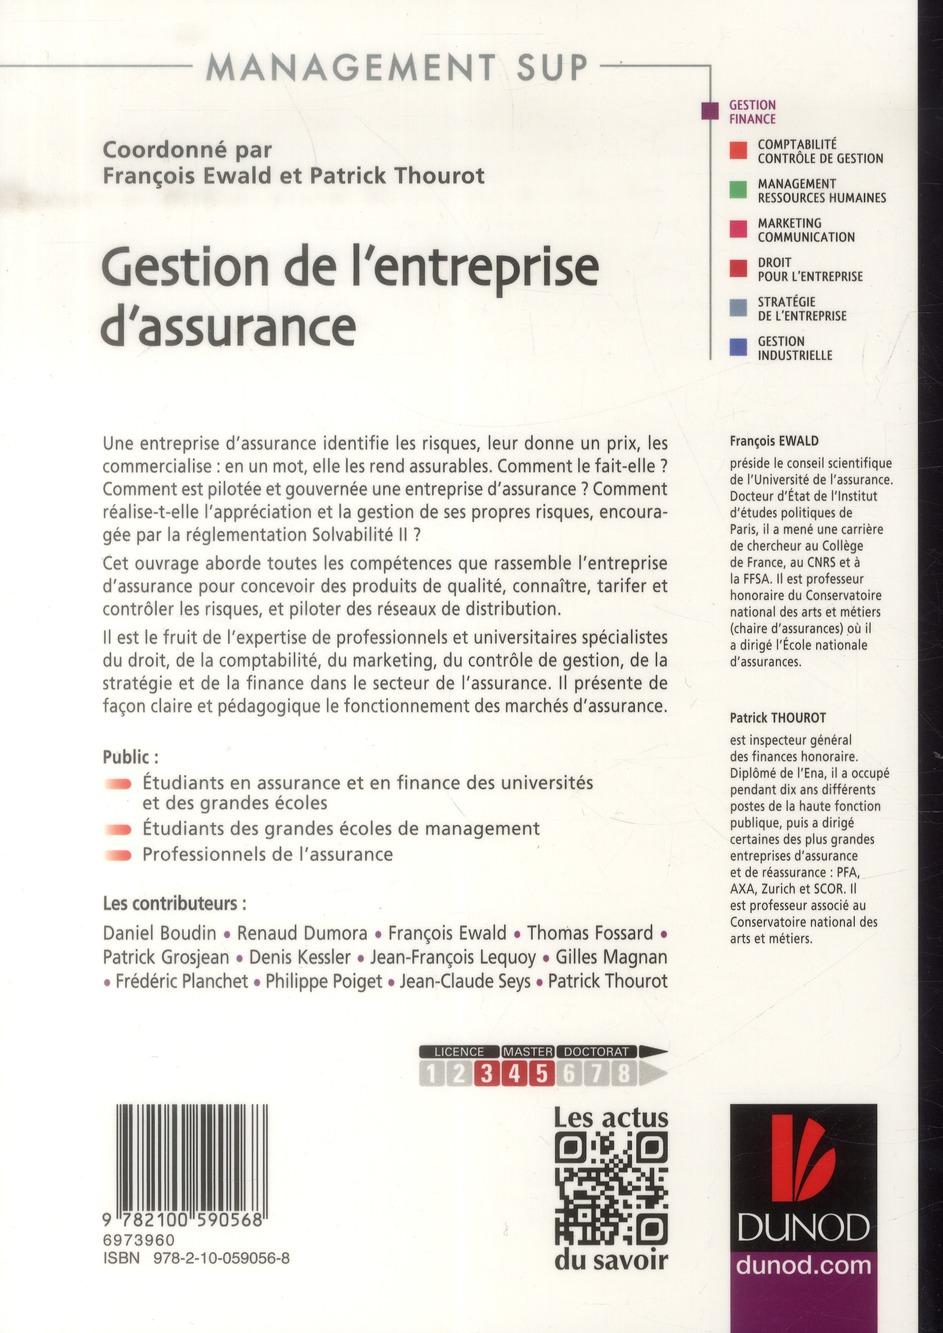 Gestion de l'entreprise d'assurance